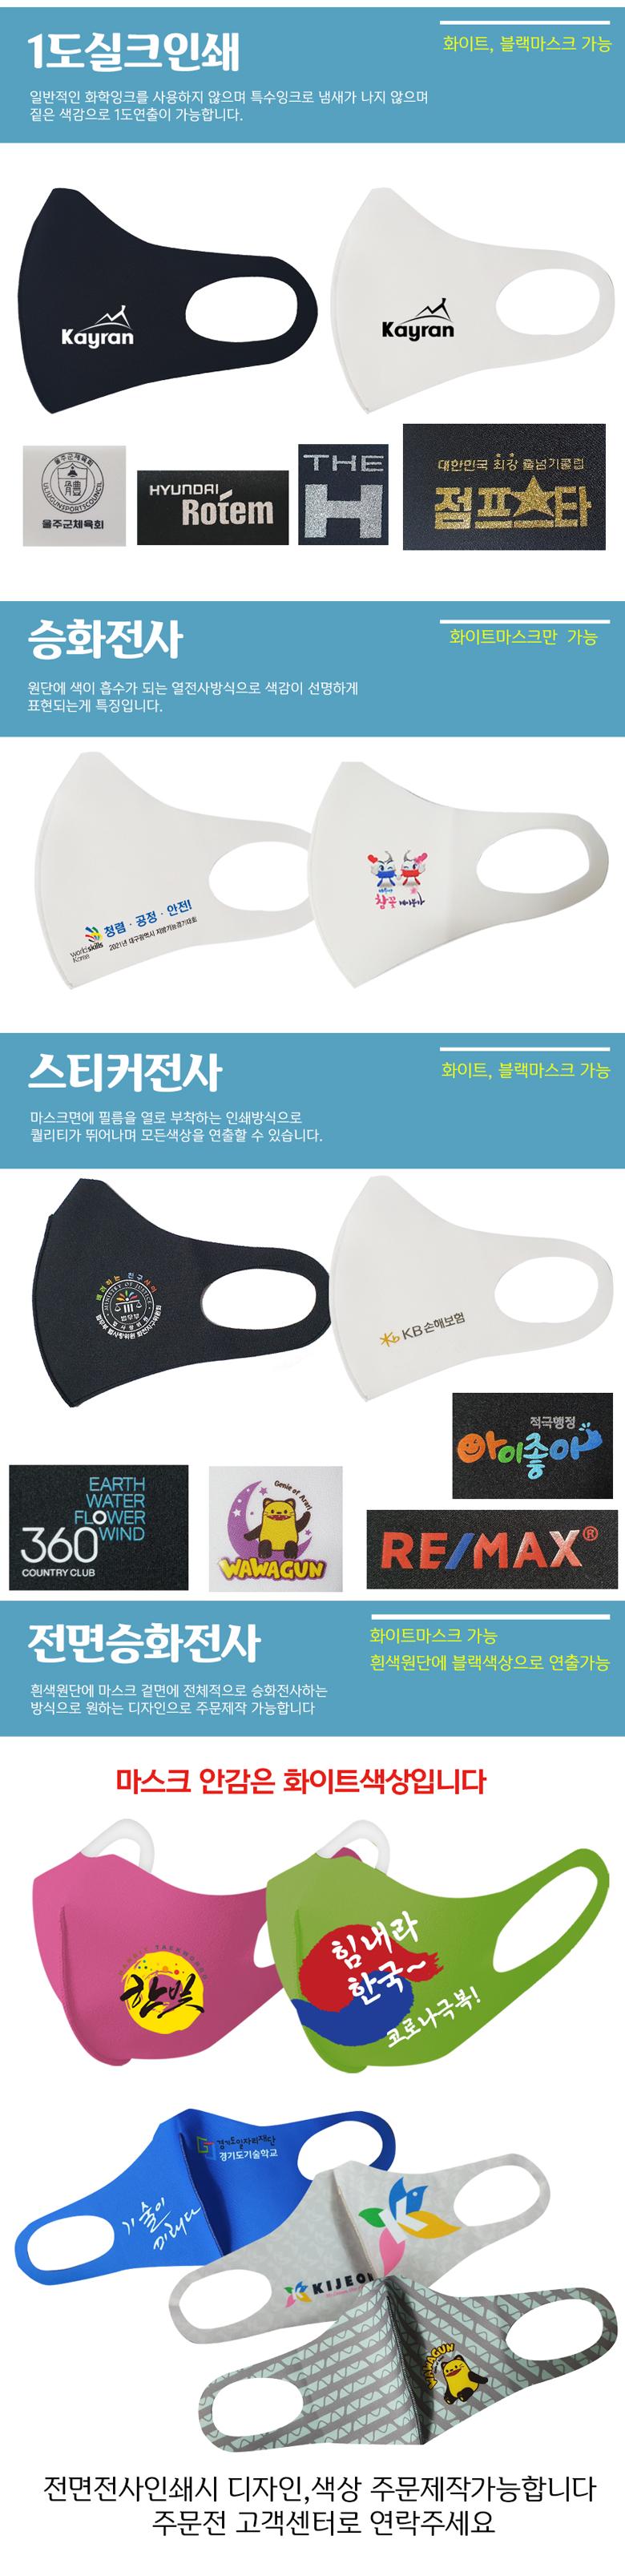 20_New_mask_korea_detail2_02.jpg